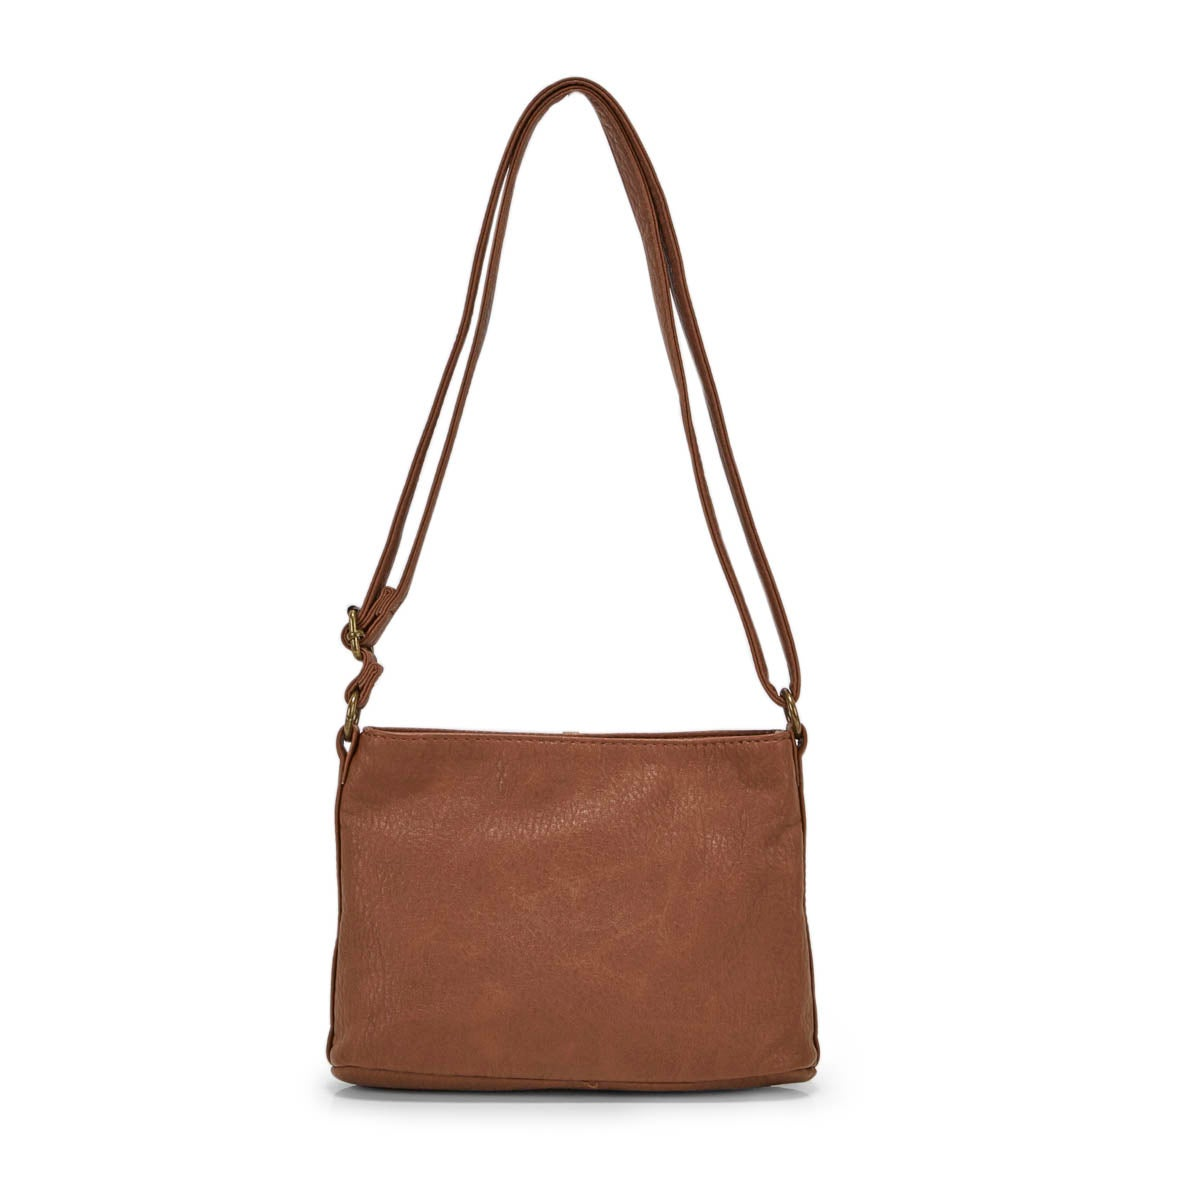 Lds tan multi zip crossbody bag